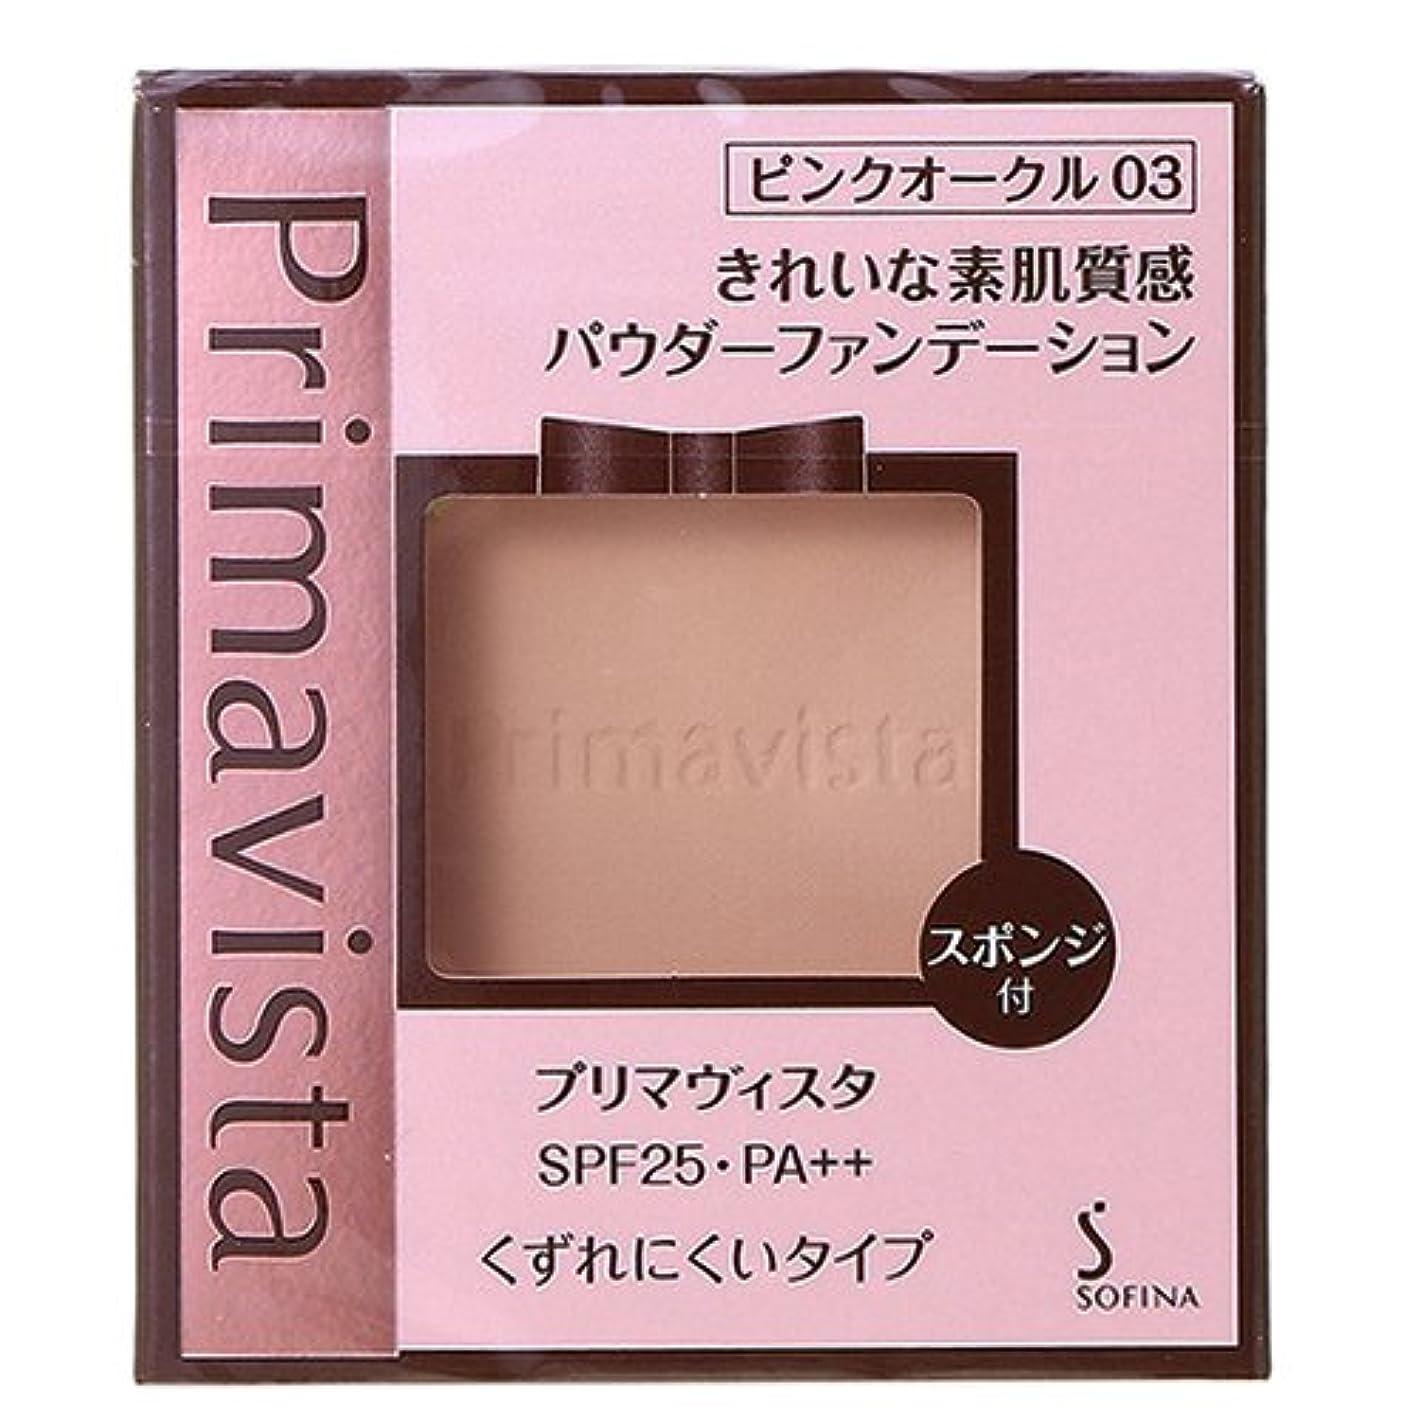 たまにピストン忌まわしいカオウ 花王 ソフィーナ プリマヴィスタ きれいな素肌質感パウダーファンデーション SPF25 PA++ オークル03 (在庫)